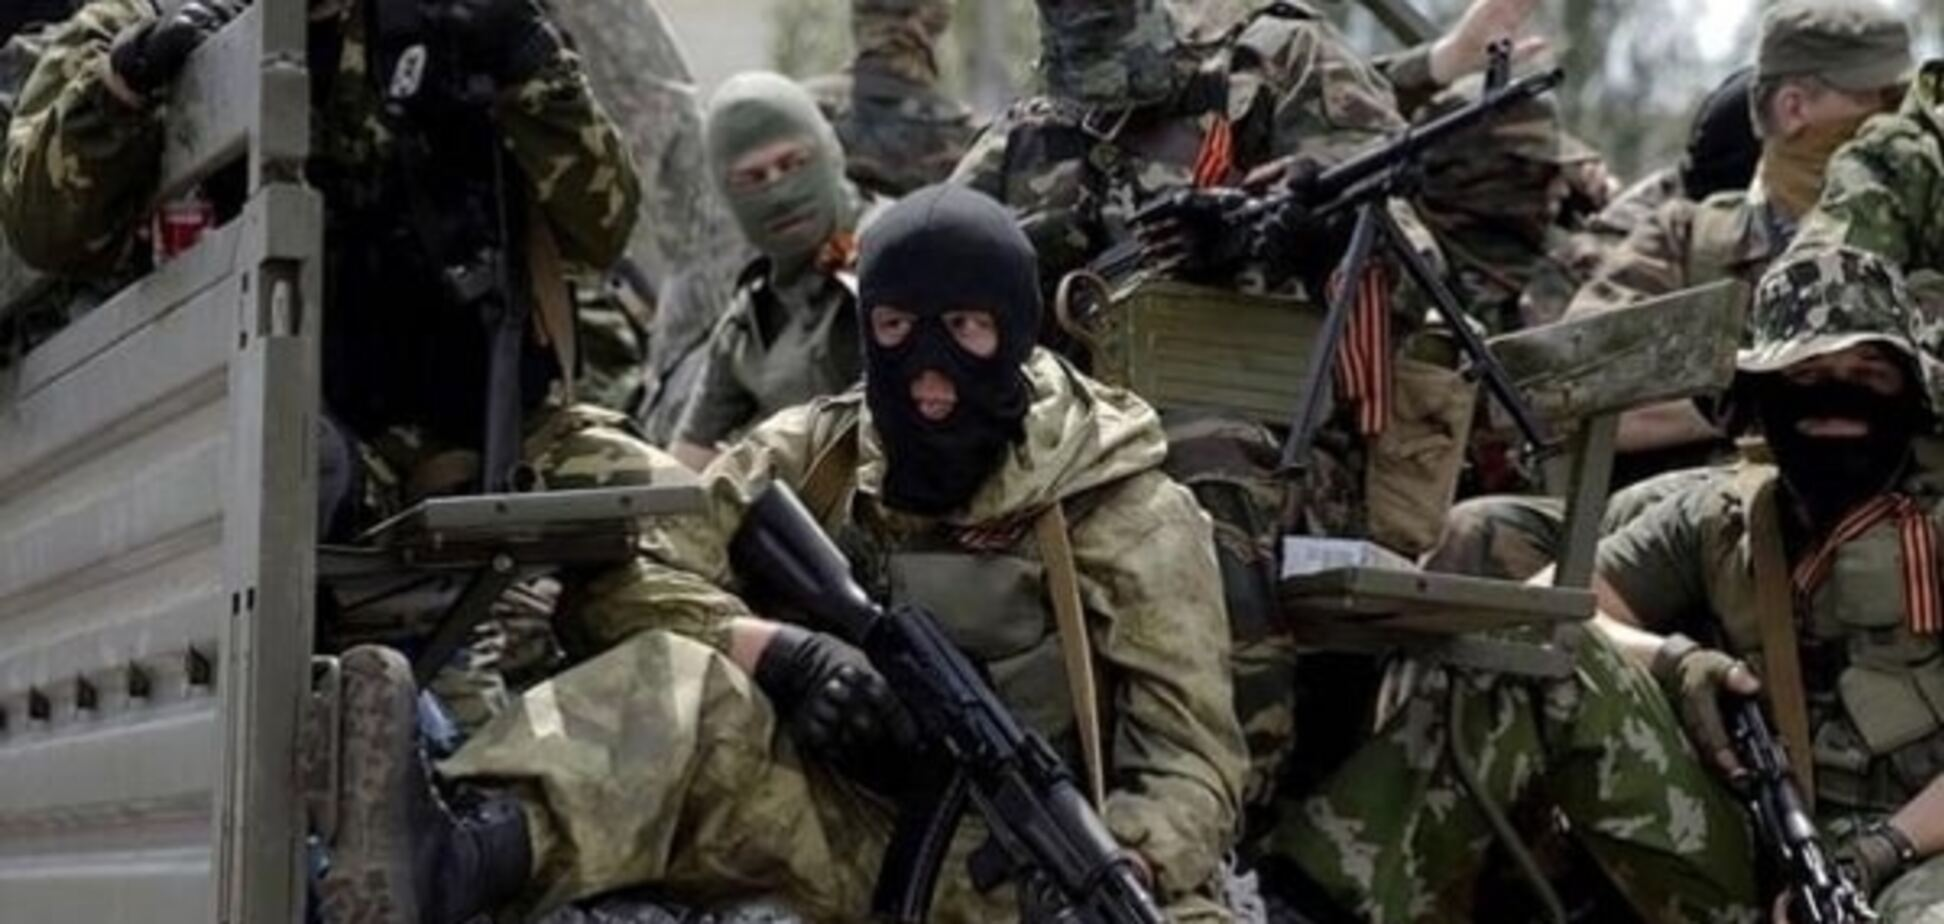 Трішки переплутали: терористи 'ДНР' розстріляли машину Генштабу Росії